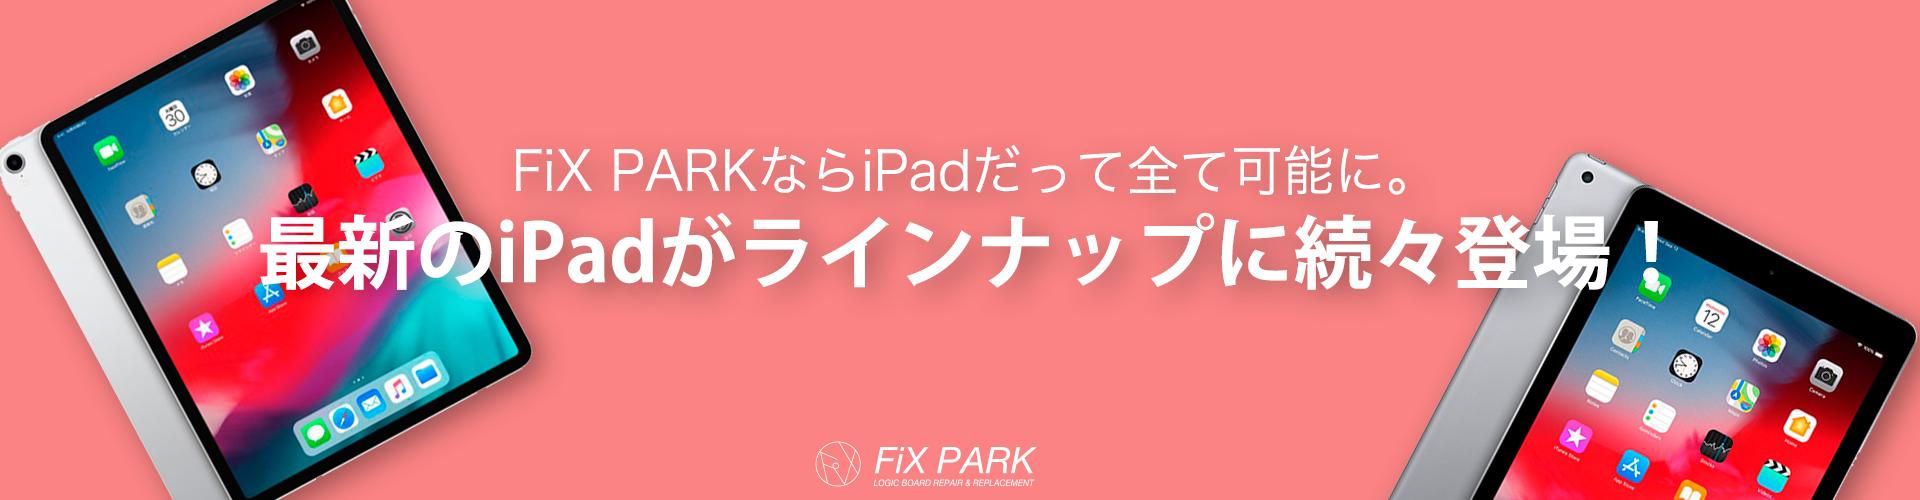 最新のiPadも続々修理受付開始。